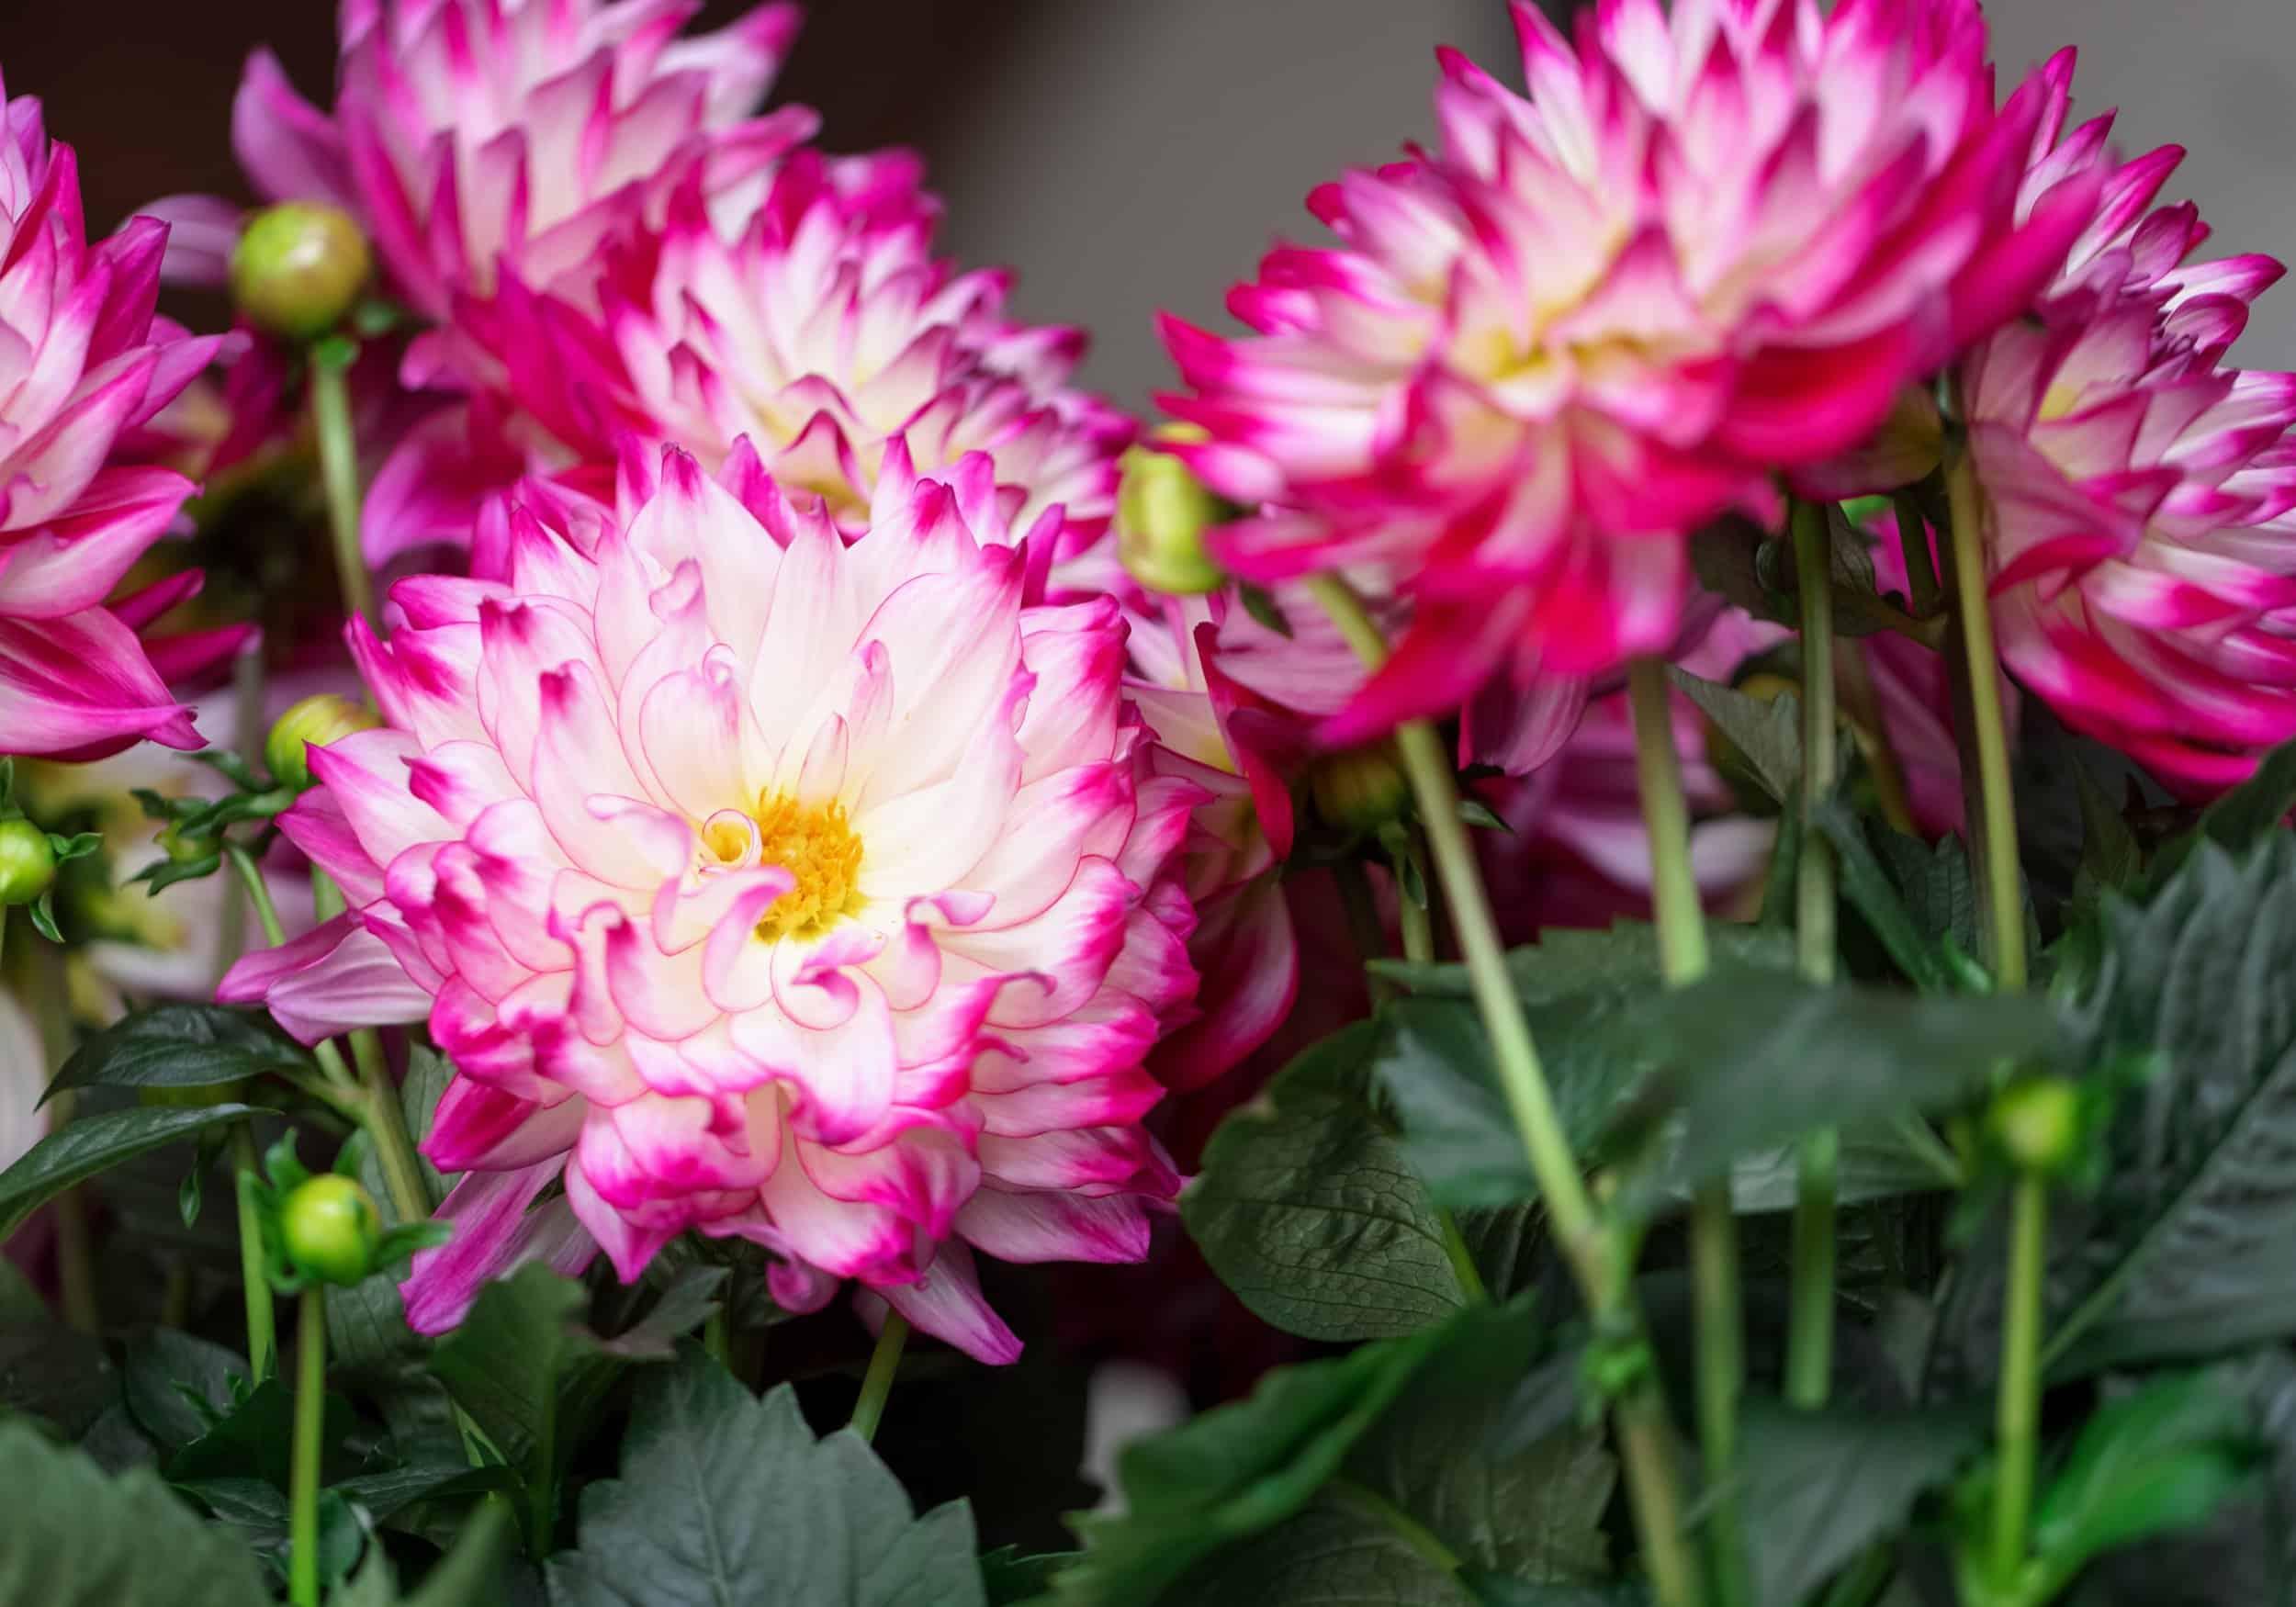 Eine Detailaufnahme von pink-weißen Dahlien